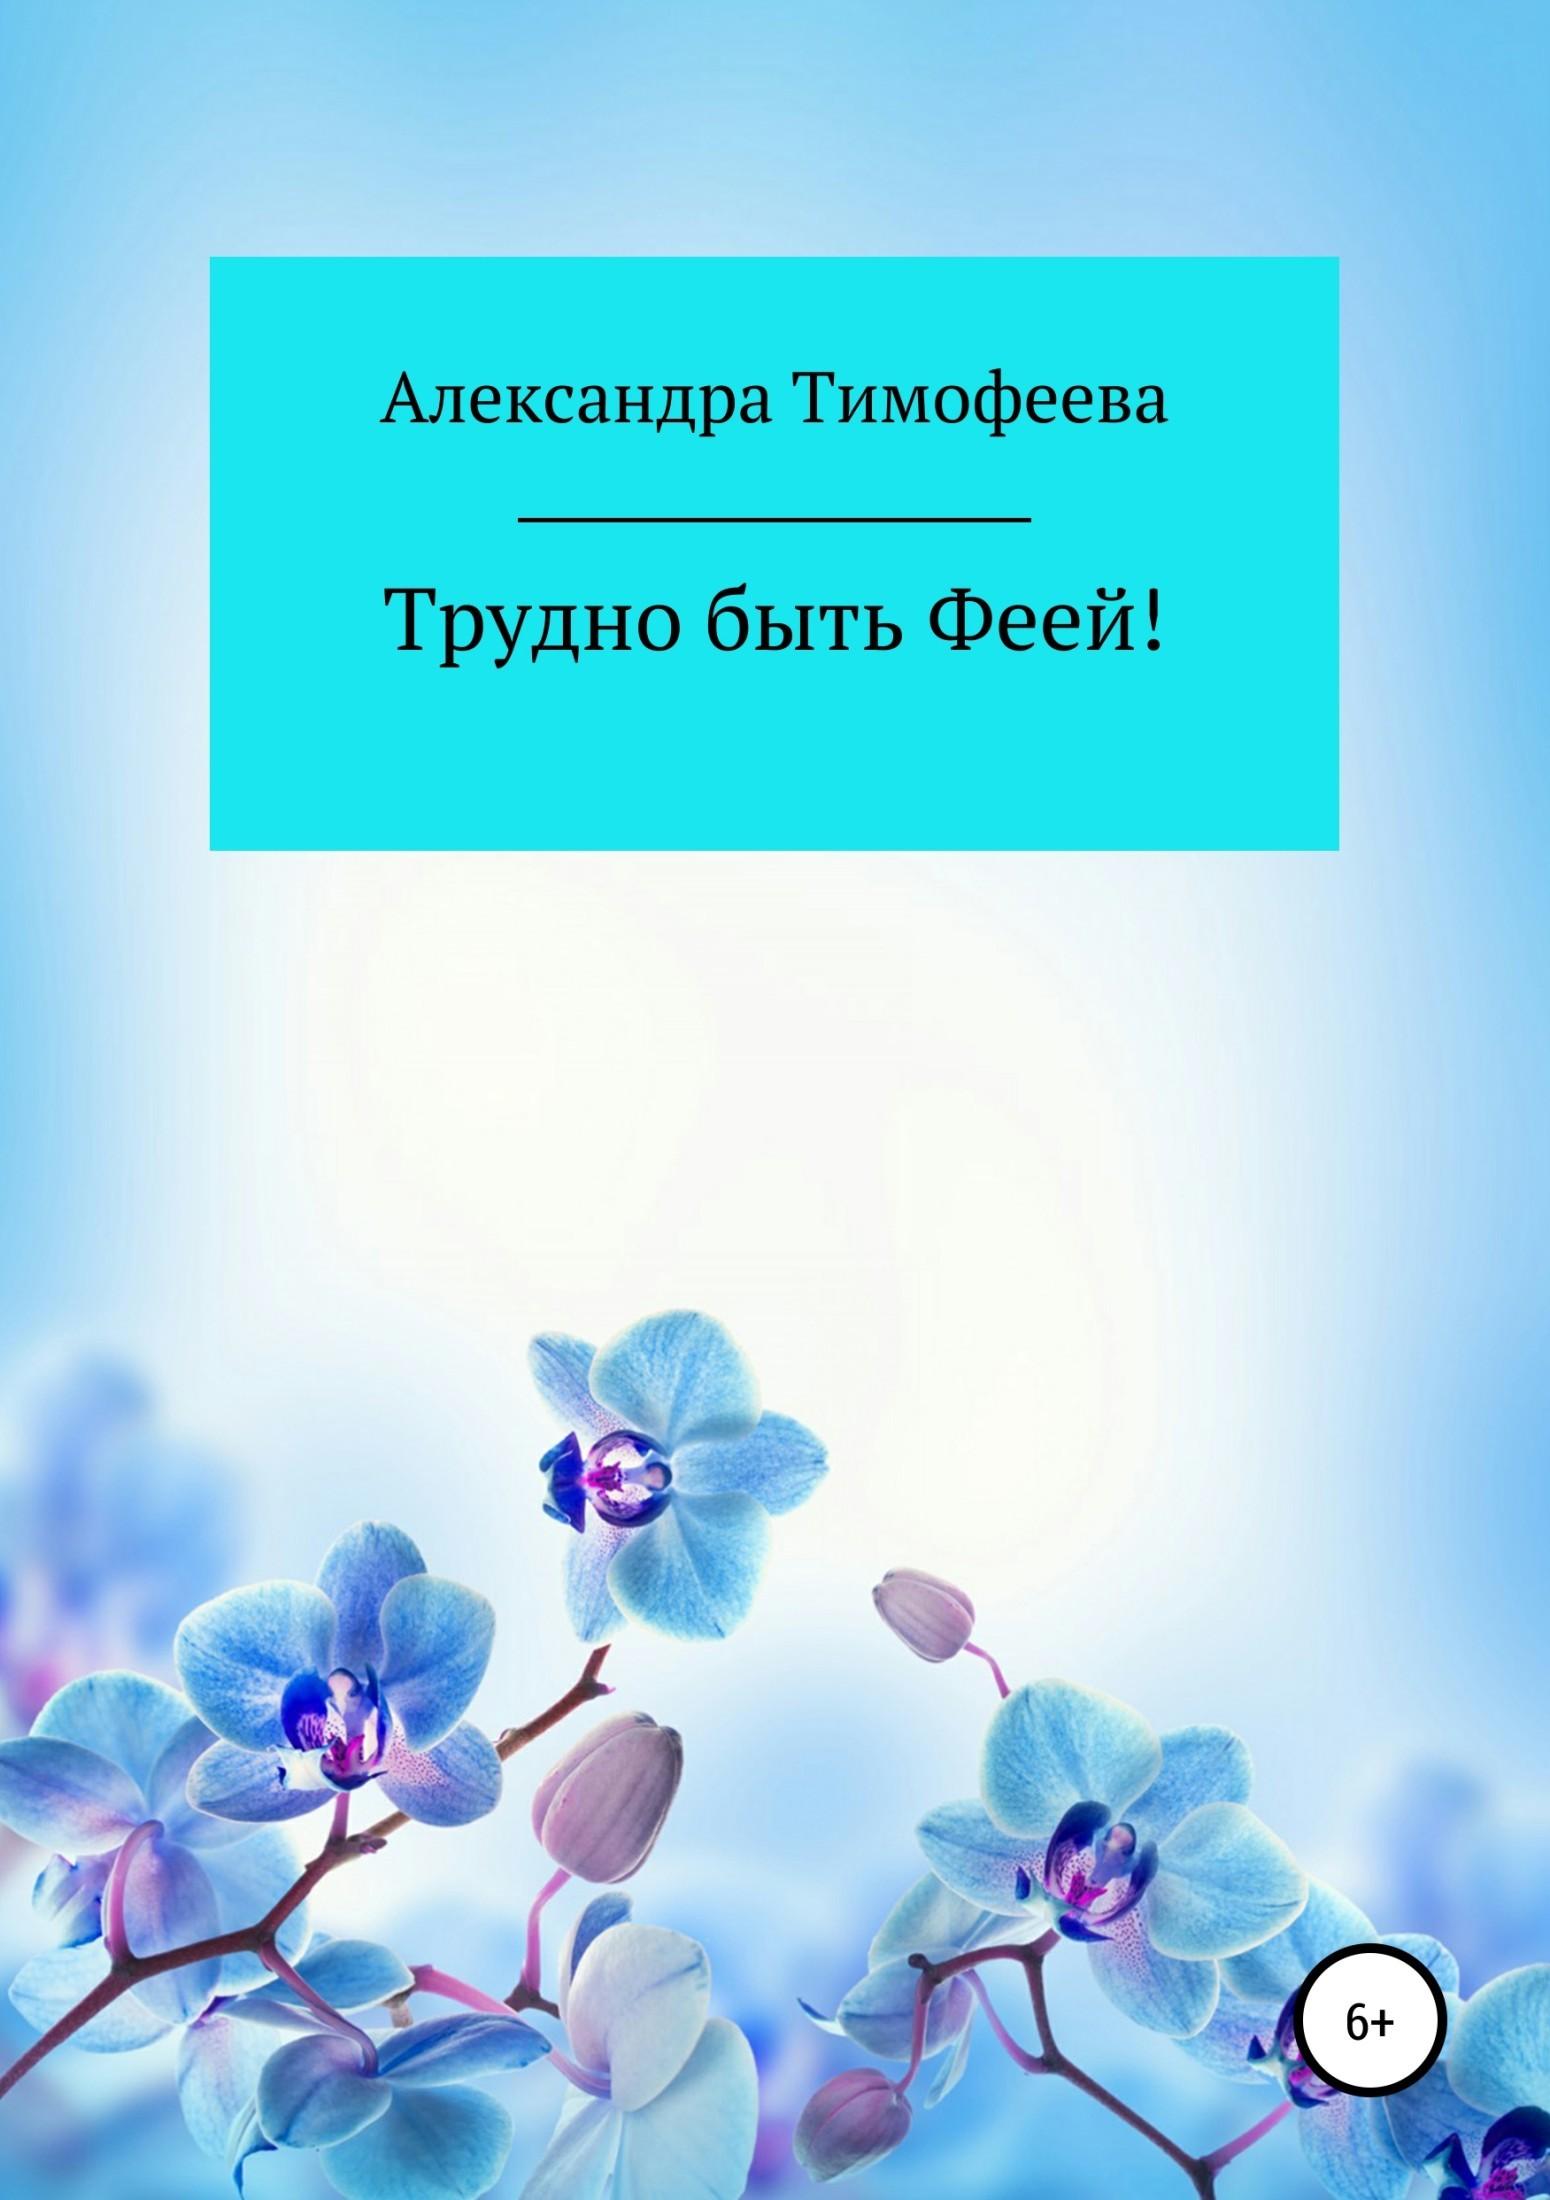 Александра Сергеевна Тимофеева Трудно быть феей! Сборник рассказов жанна светлова волшебный скорпион сборник рассказов